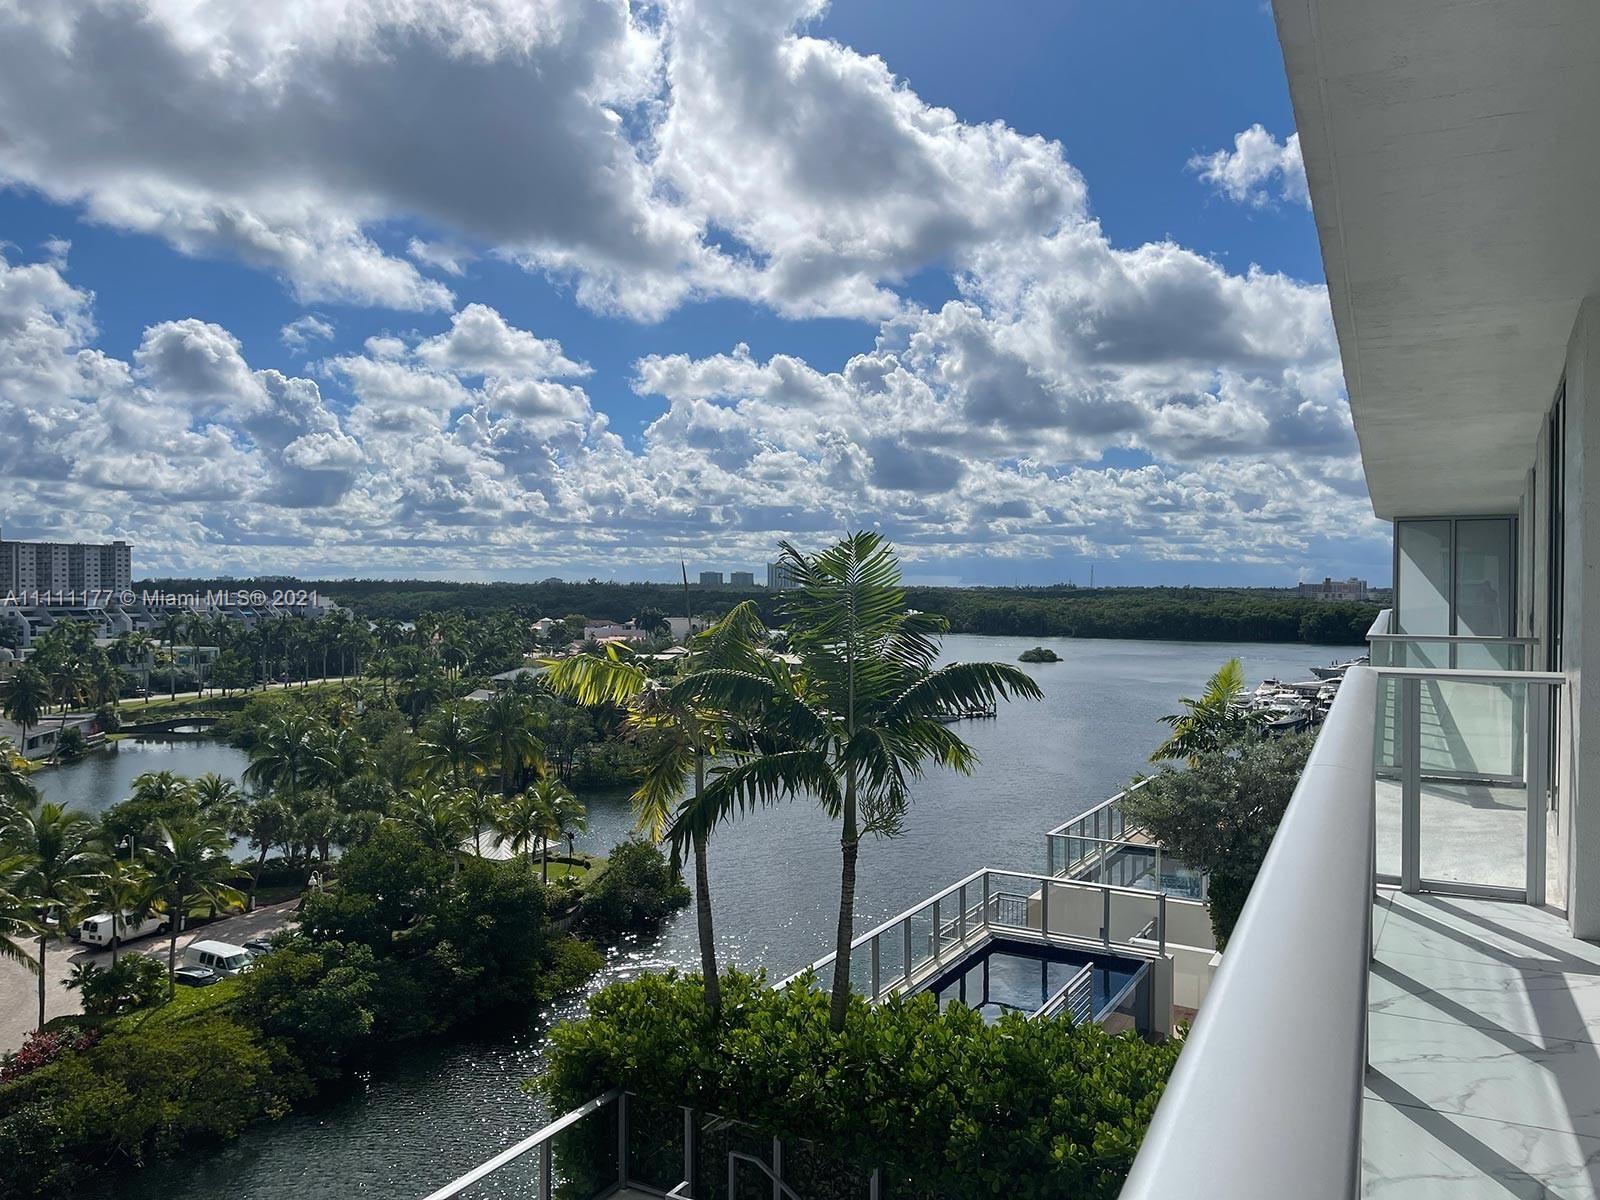 Photo of 300 Sunny Isles Blvd #4-702, Sunny Isles Beach, FL 33160 (MLS # A11111177)